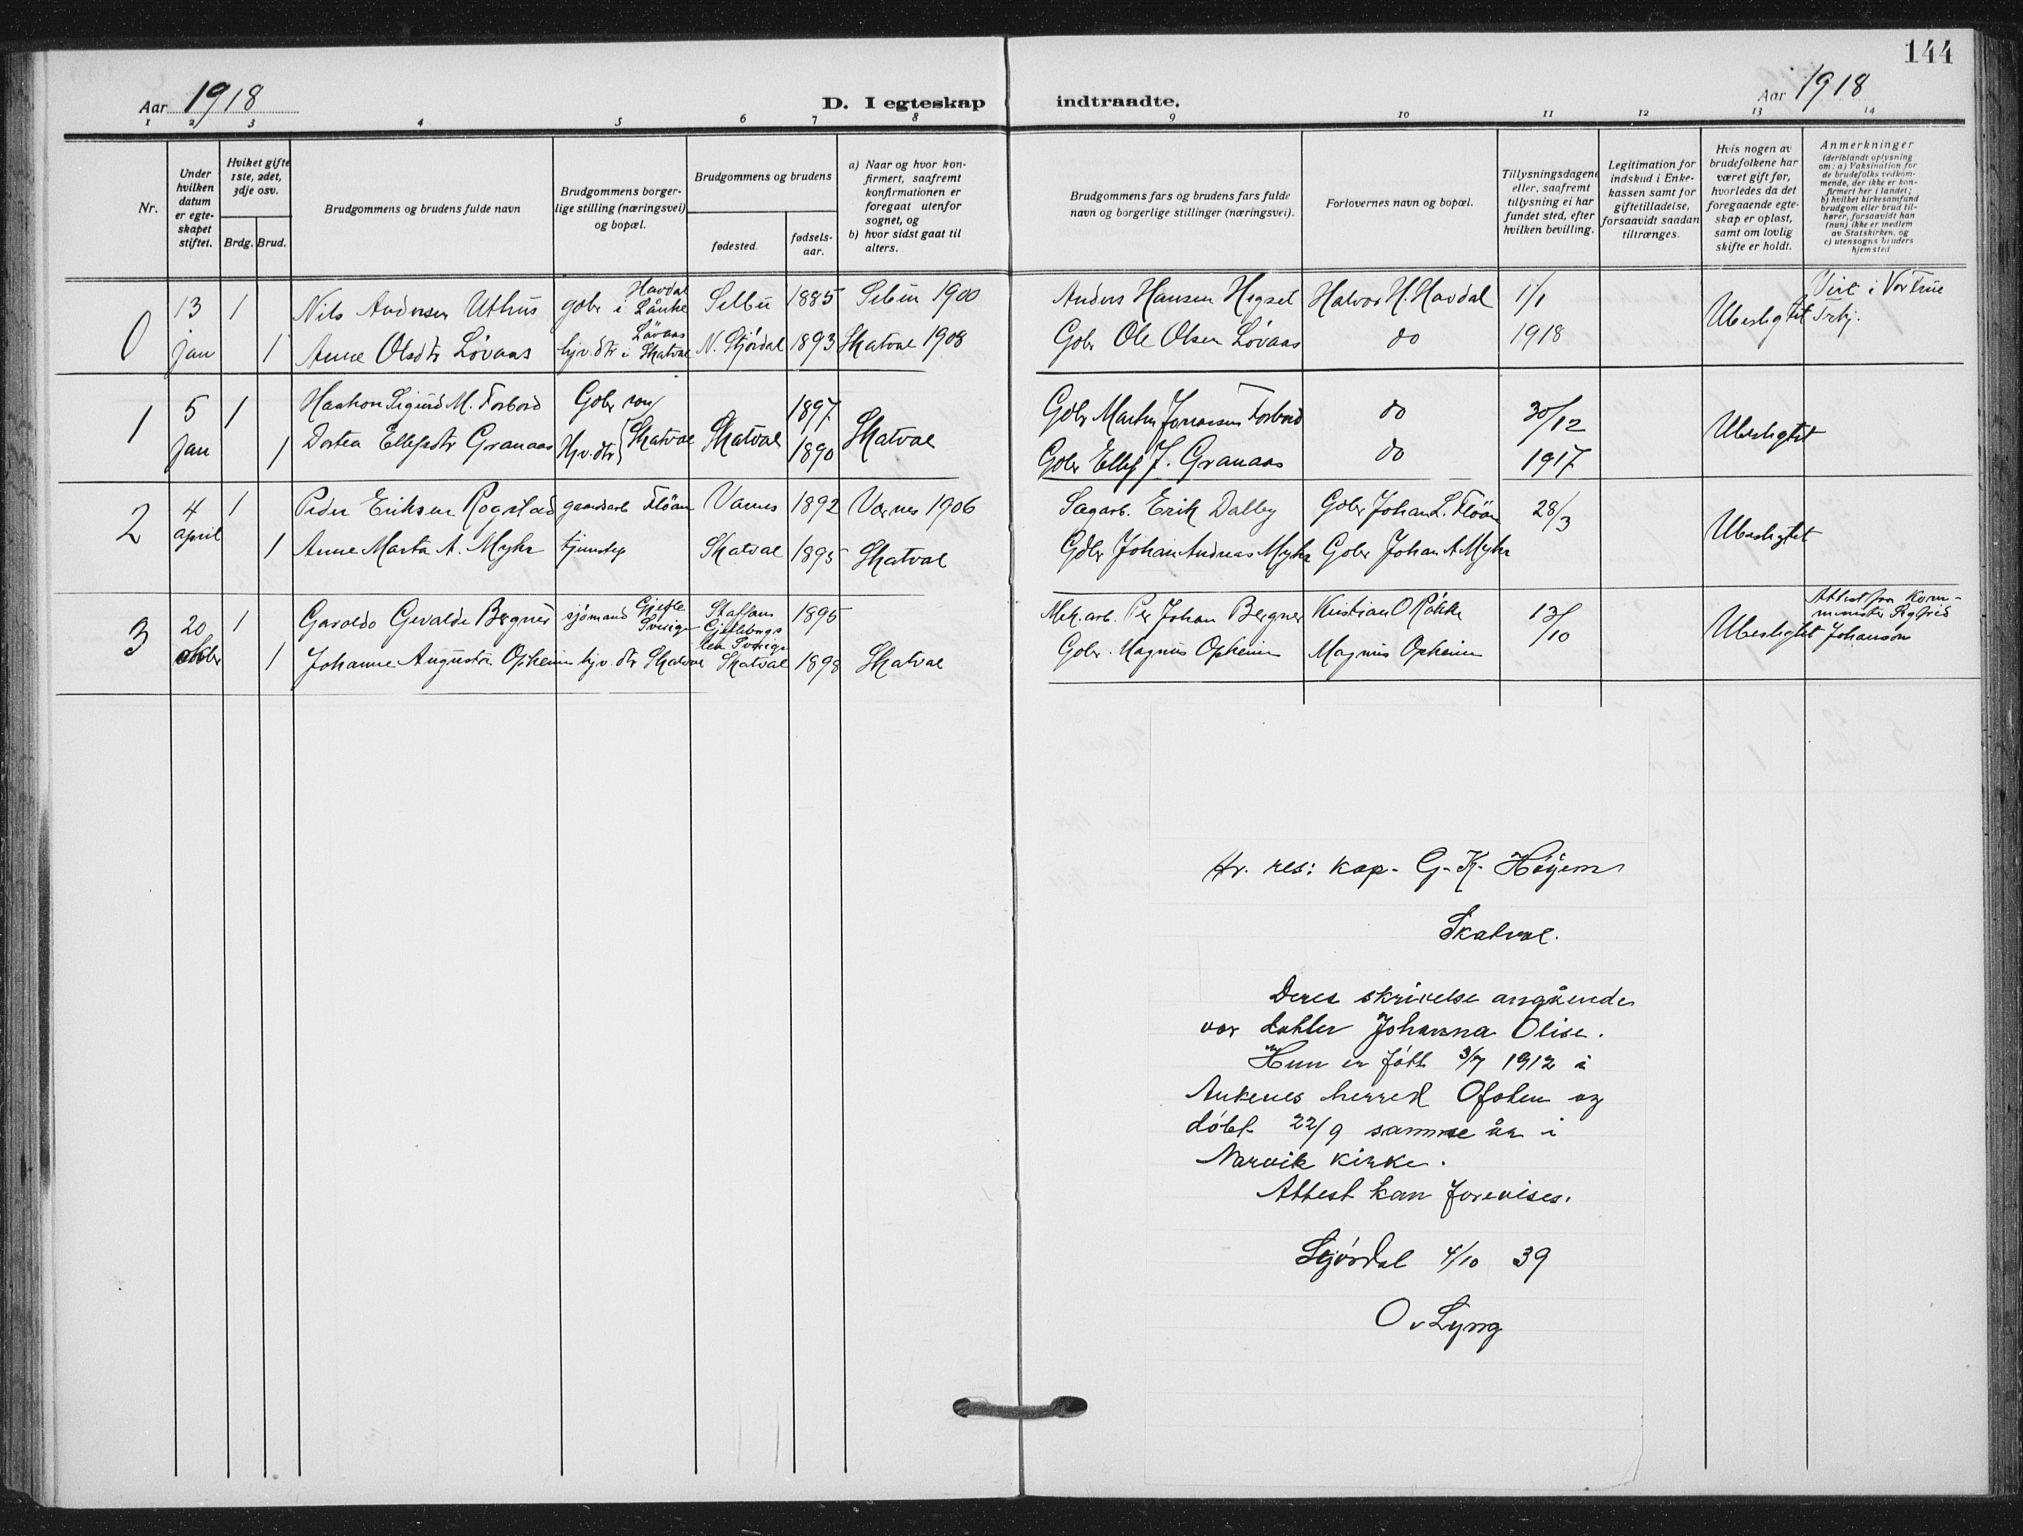 SAT, Ministerialprotokoller, klokkerbøker og fødselsregistre - Nord-Trøndelag, 712/L0102: Ministerialbok nr. 712A03, 1916-1929, s. 144